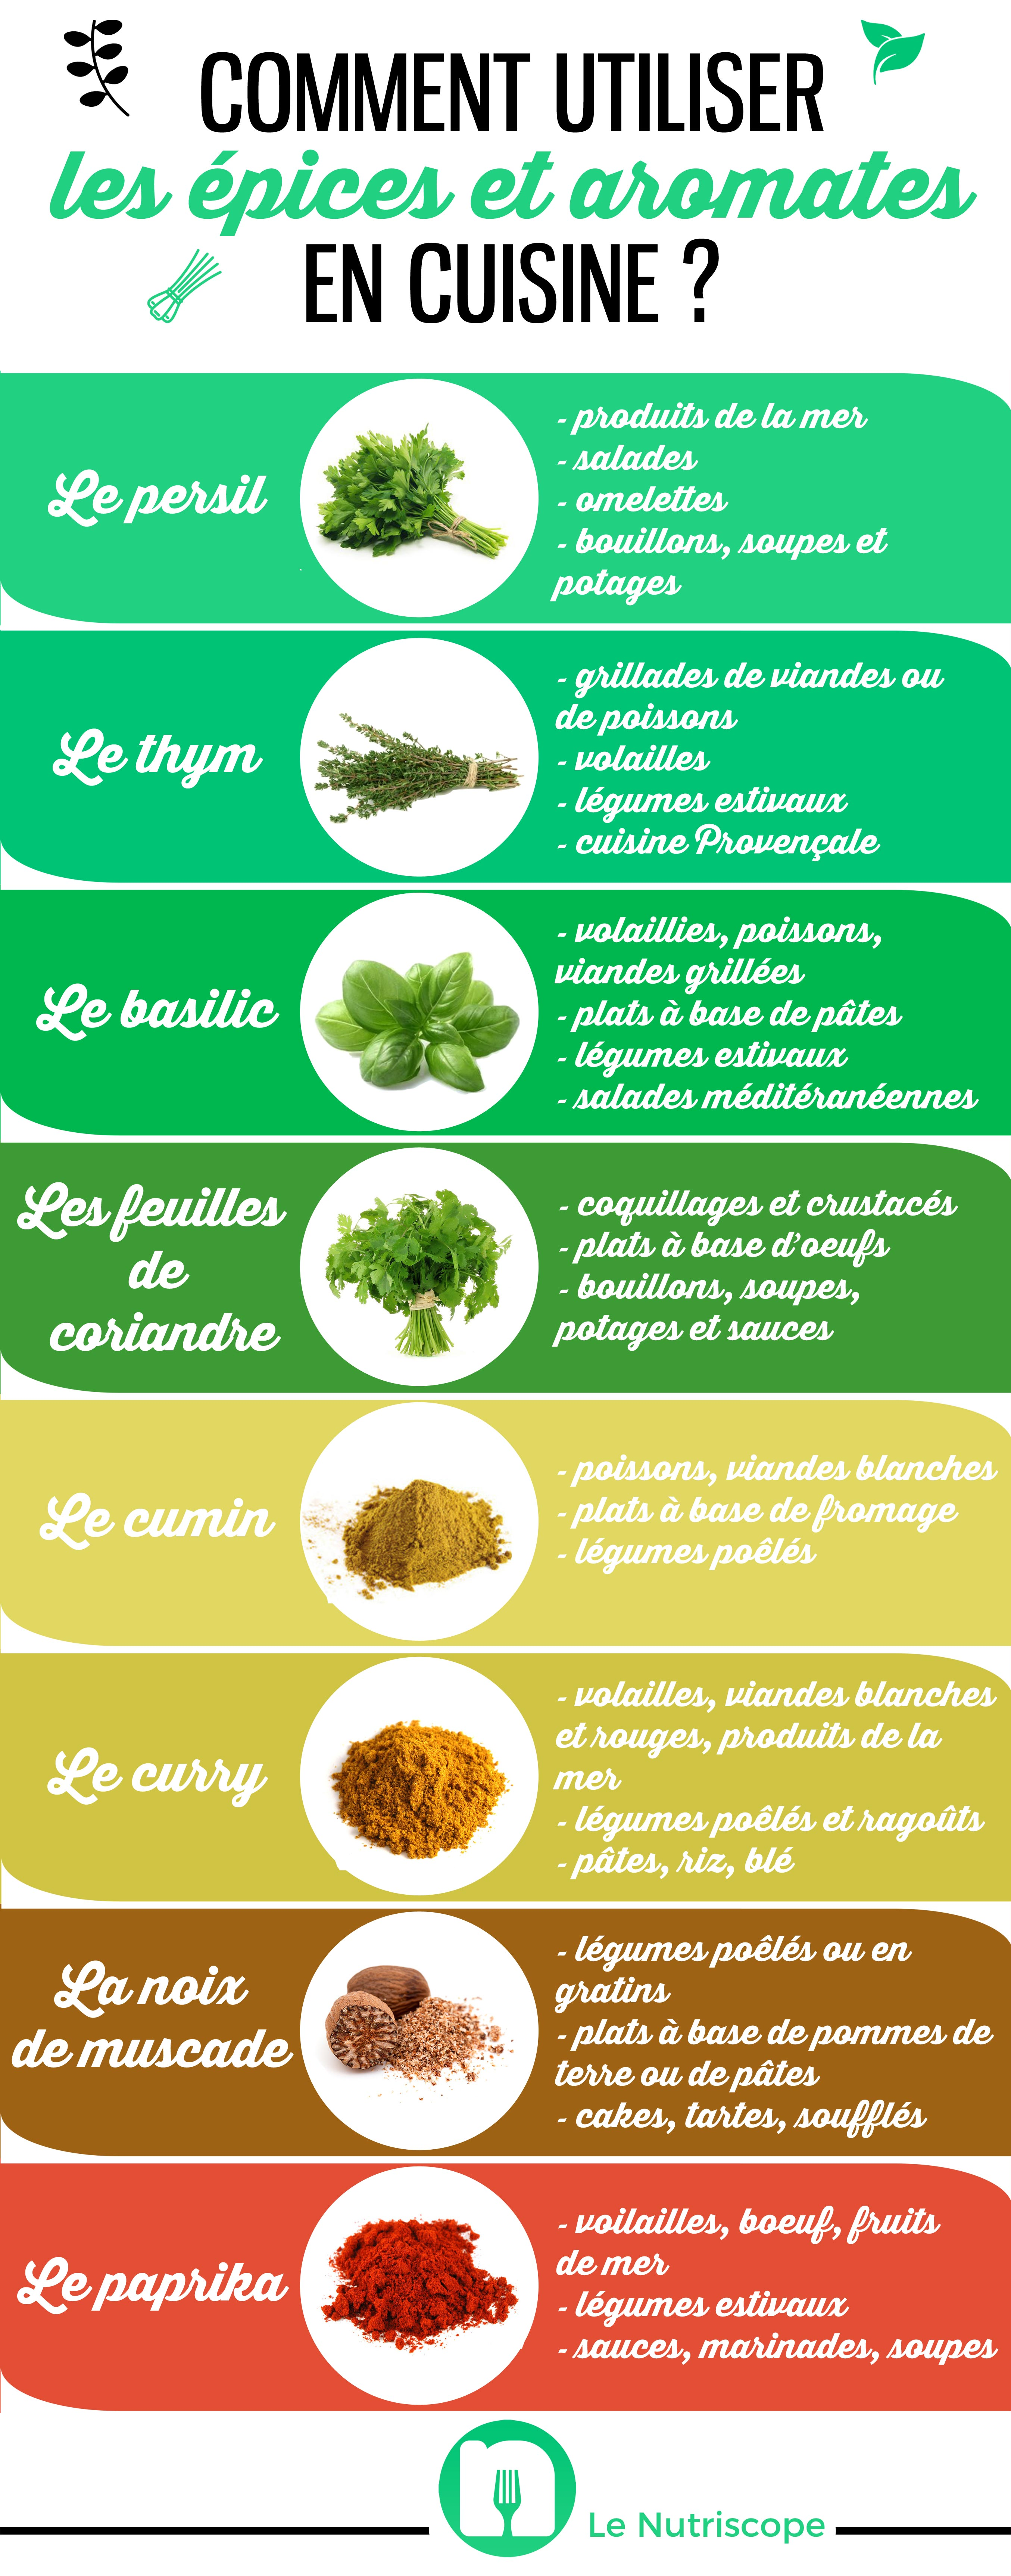 Cuisiner avec épices et aromates pour manger sain